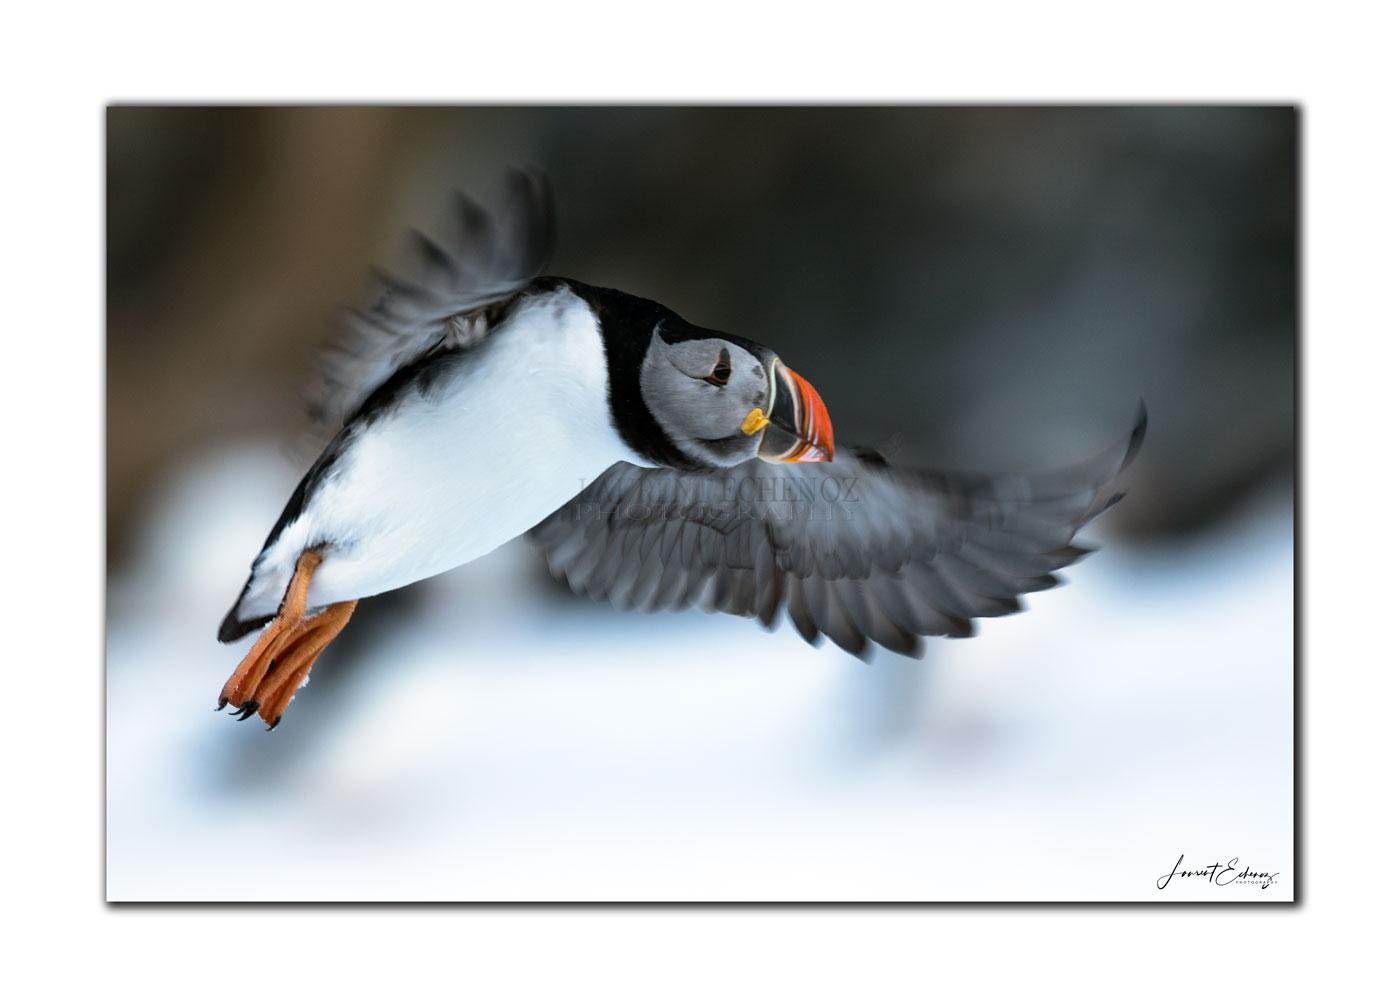 Vol au dessus de la neige